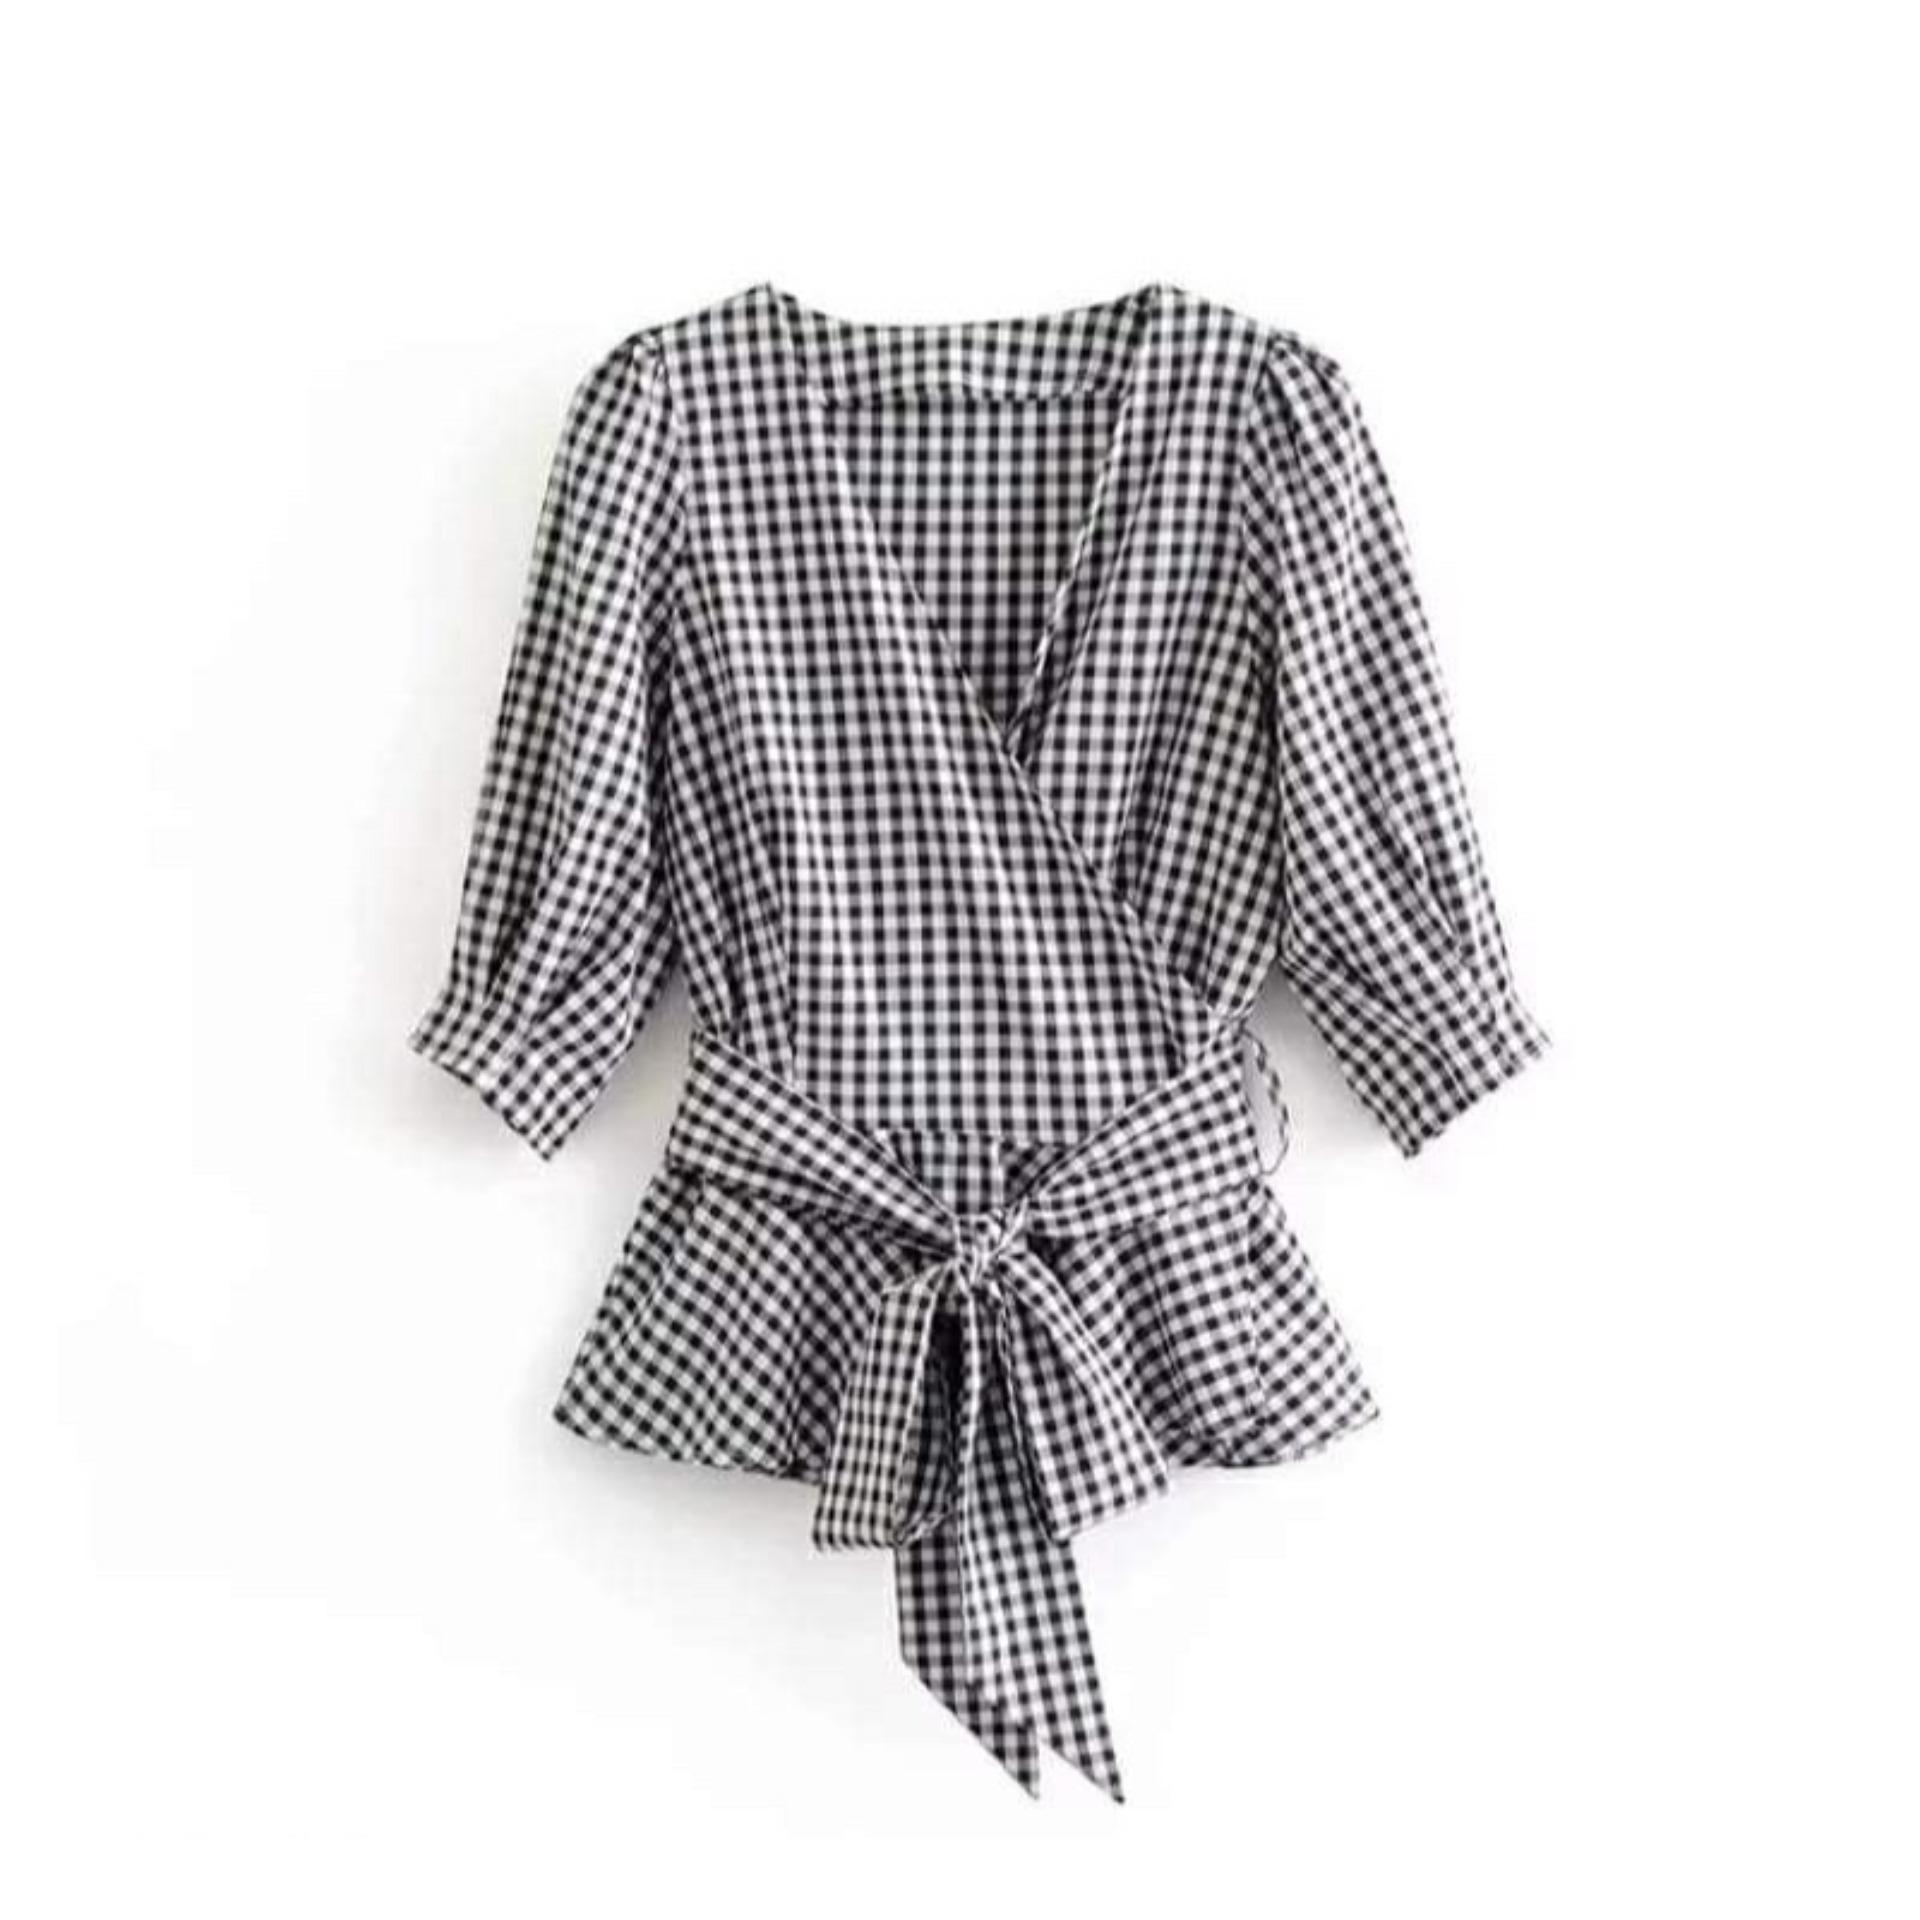 ... Cewek Baju Blouse Casual Cewe Pakaian Kantor Formal. Source · K fashion / era louse / baju tali depan / kemeja sopan / baju muslim /